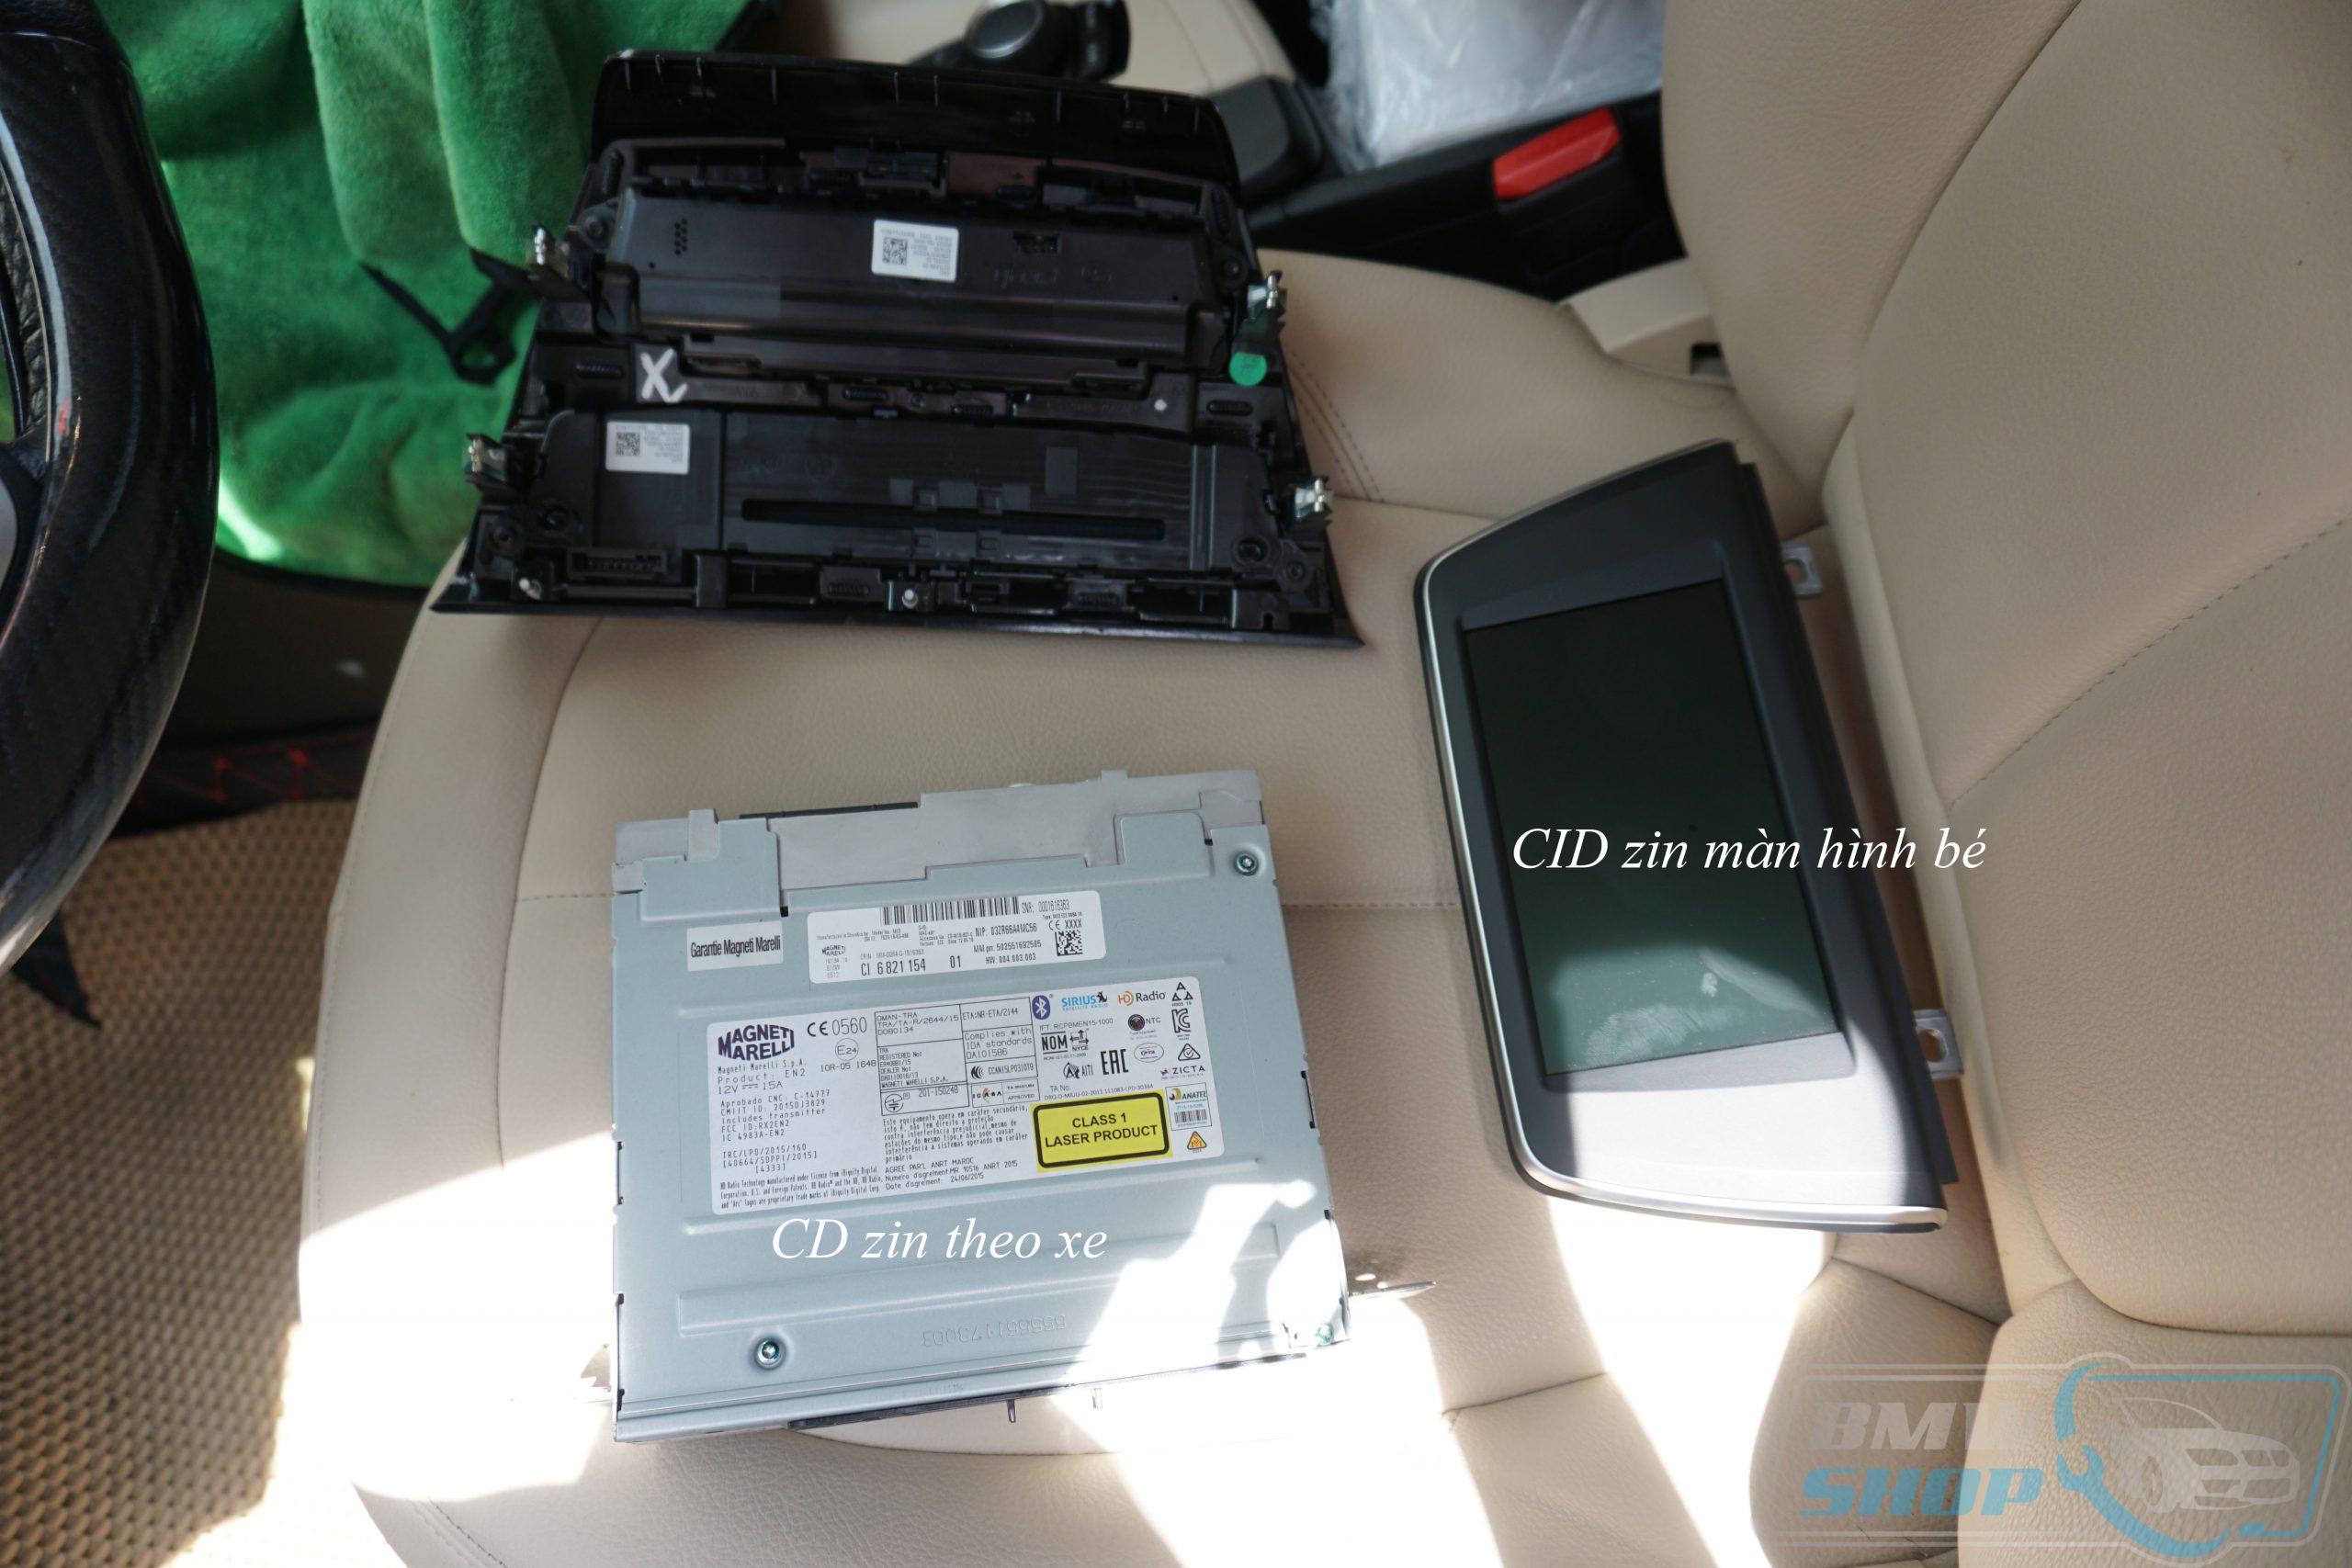 Đầu CD zin theo xe và màn hình nguyên bản sau khi tháo ra khỏi xe